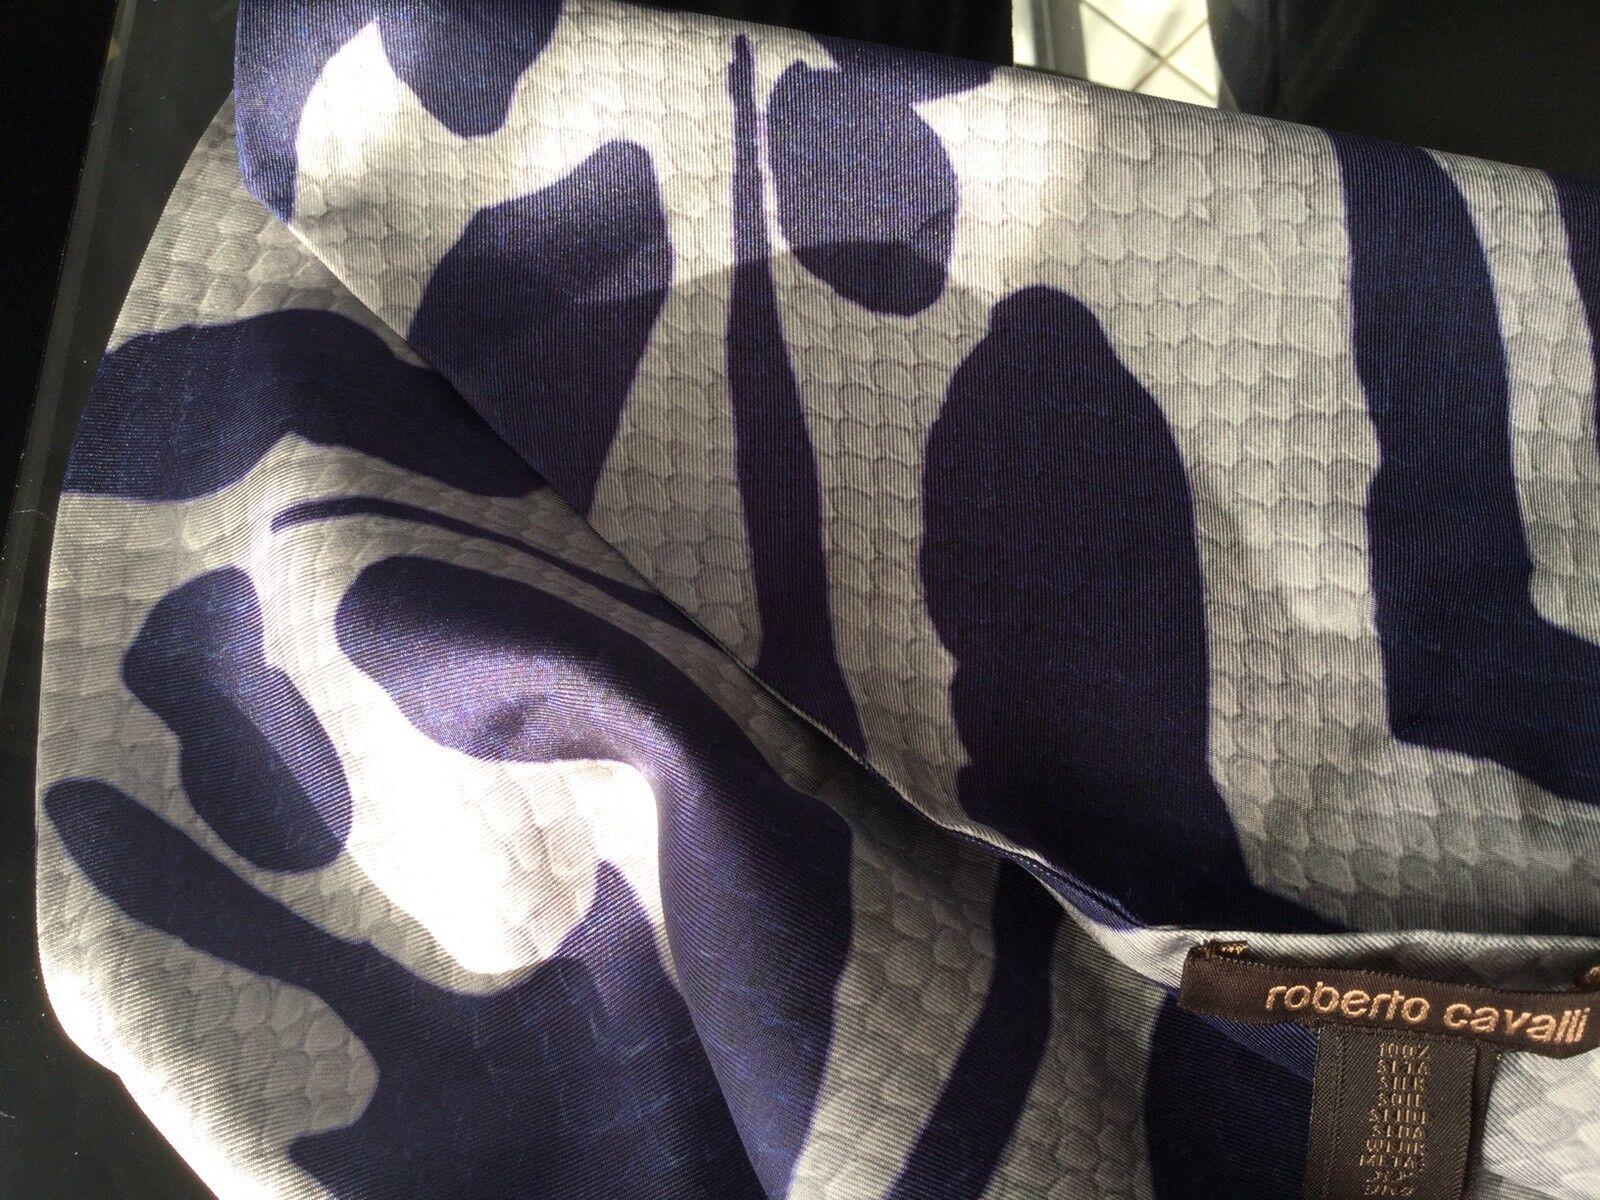 Seidenschal Roberto Cavalli | Großer Großer Großer Verkauf  | Garantiere Qualität und Quantität  | Sehr gelobt und vom Publikum der Verbraucher geschätzt  1b1815